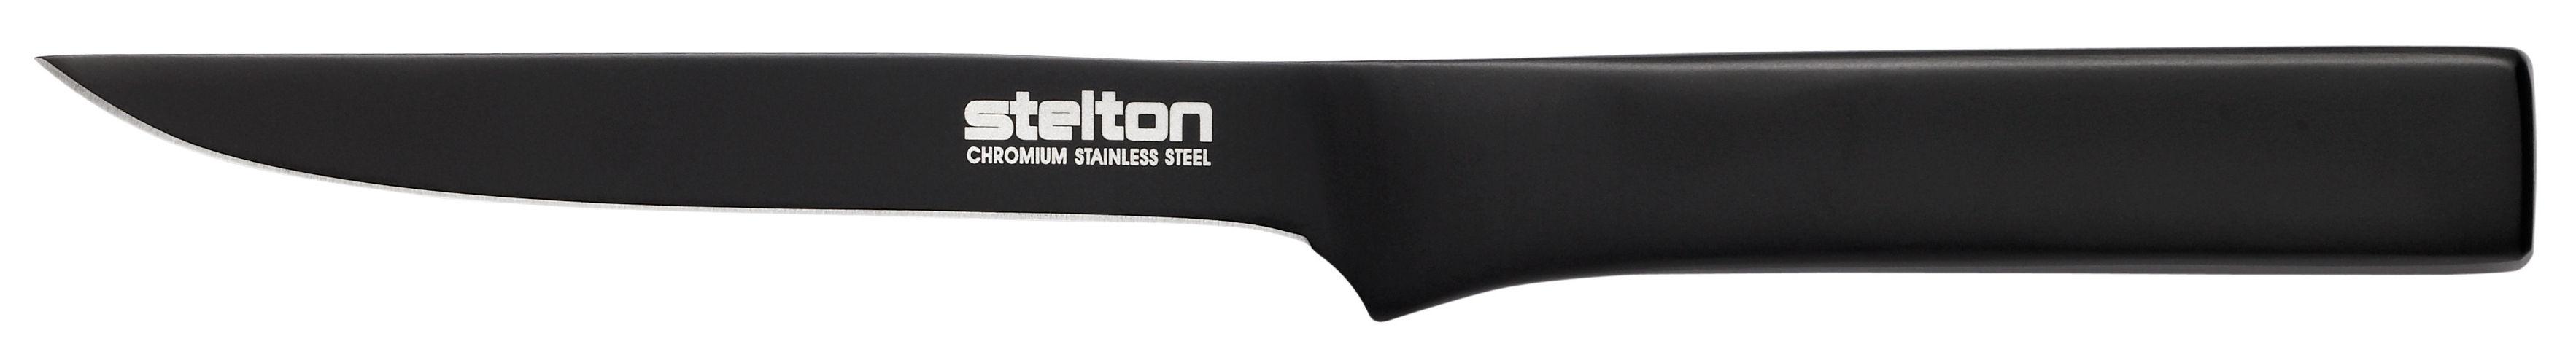 Küche - Küchenmesser - Pure Black Kochmesser / Ausbeinmesser - Stelton - Schwarz - rostfreier Stahl